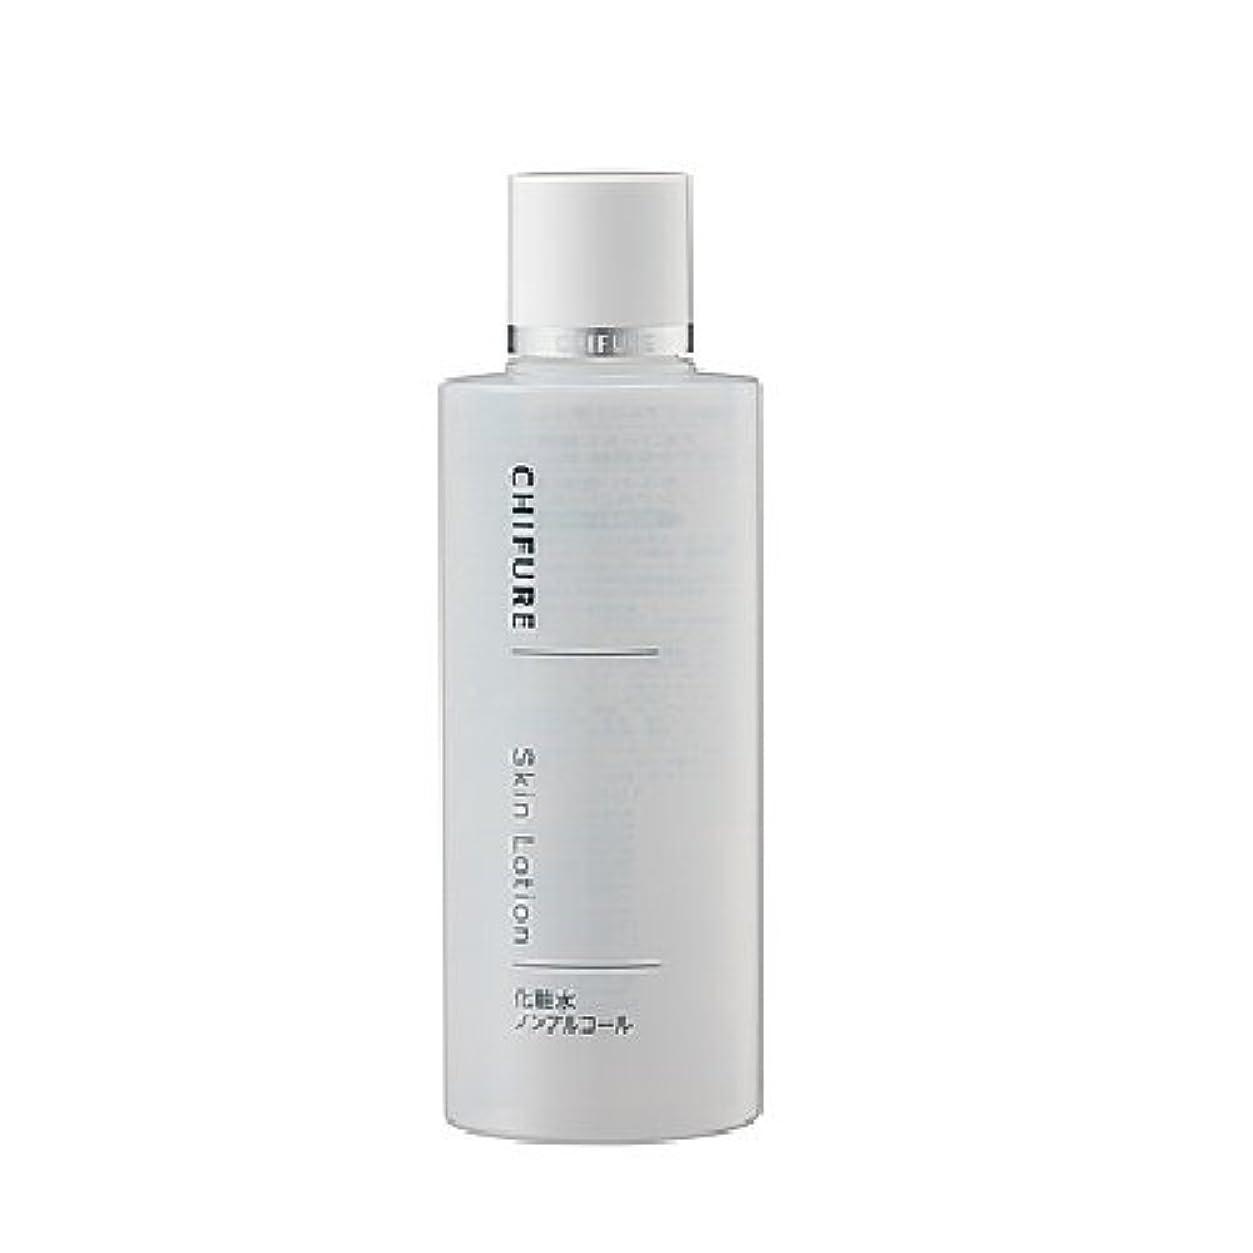 ブランク尊厳キュービックちふれ化粧品 化粧水 ノンアルコールタイプ 180ML